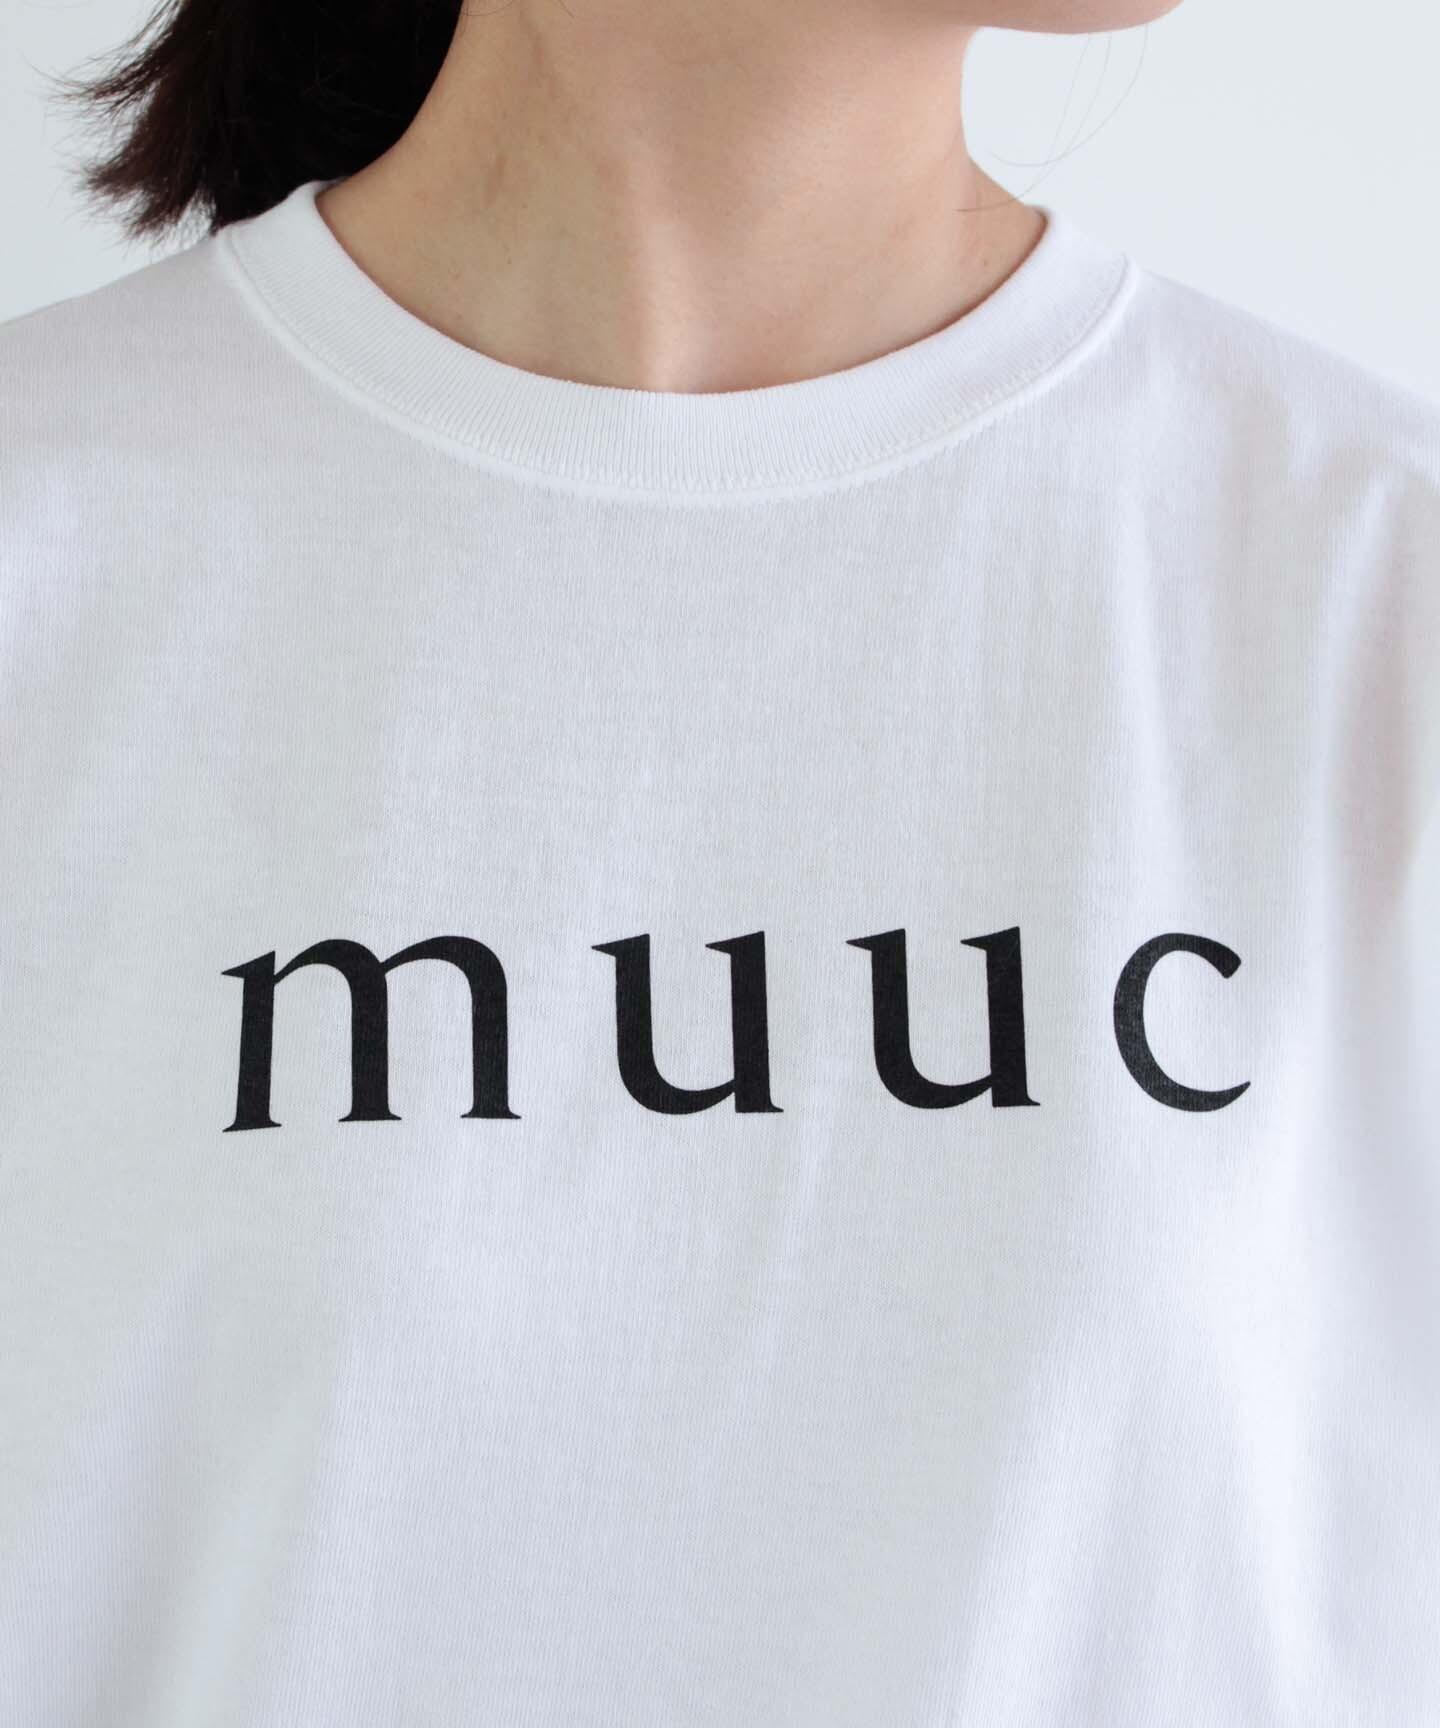 【予約】muuc ロゴ Tシャツ (mua000)